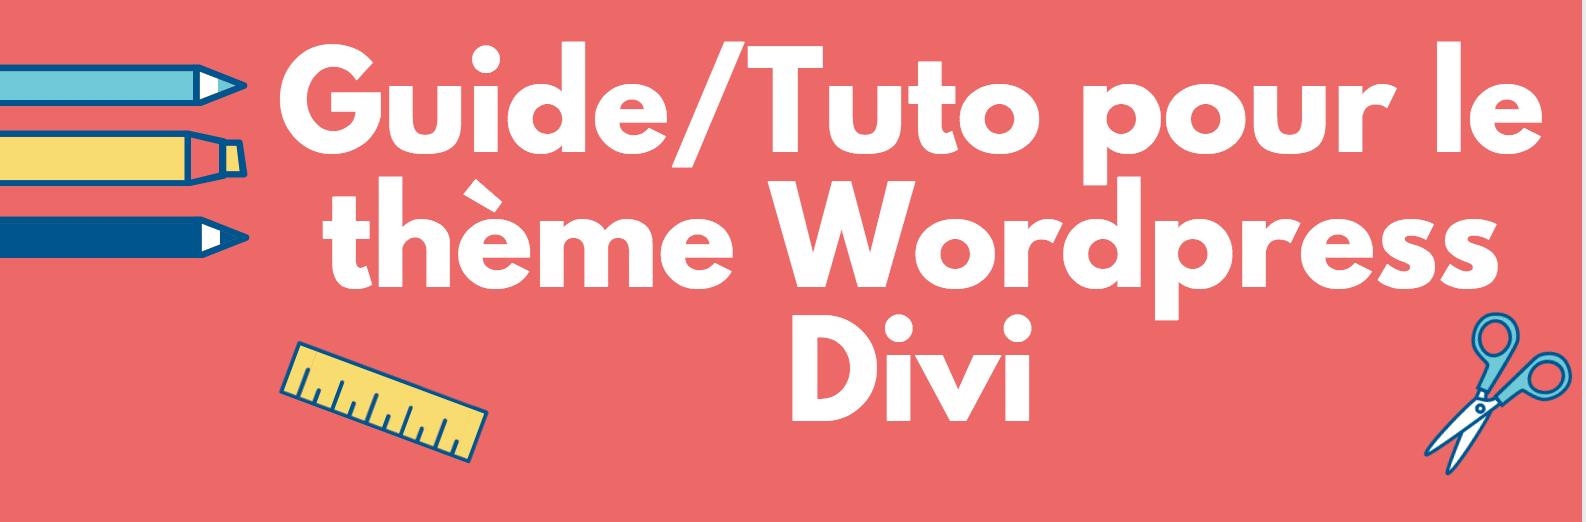 guide-tuto-divi